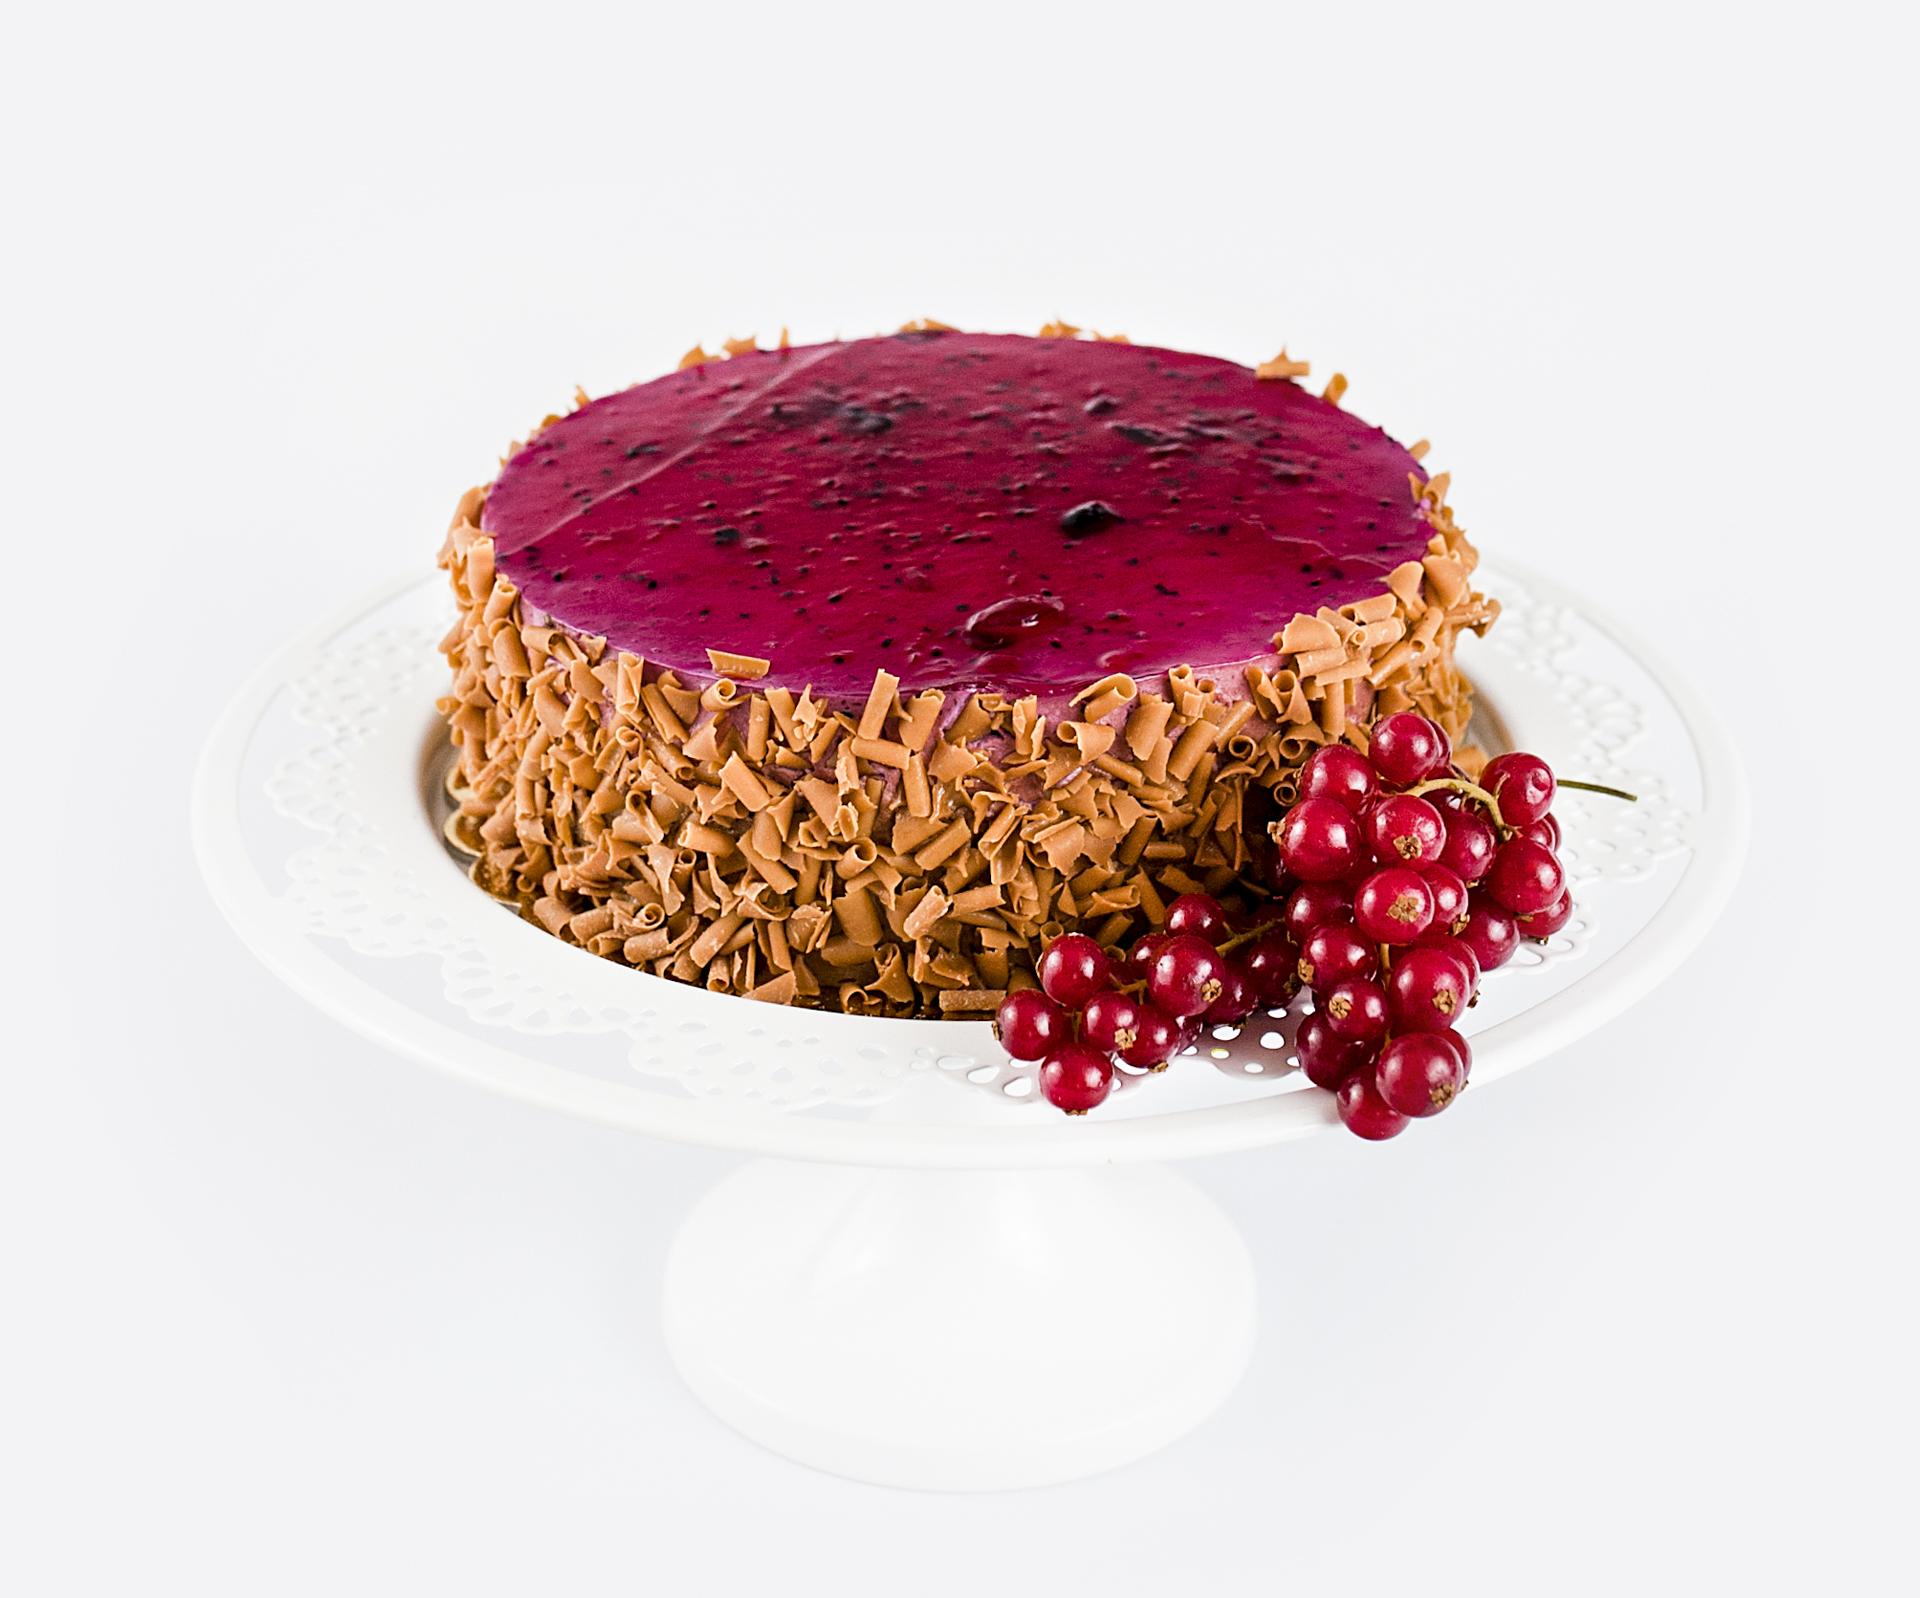 Tort Czarna Porzeczka